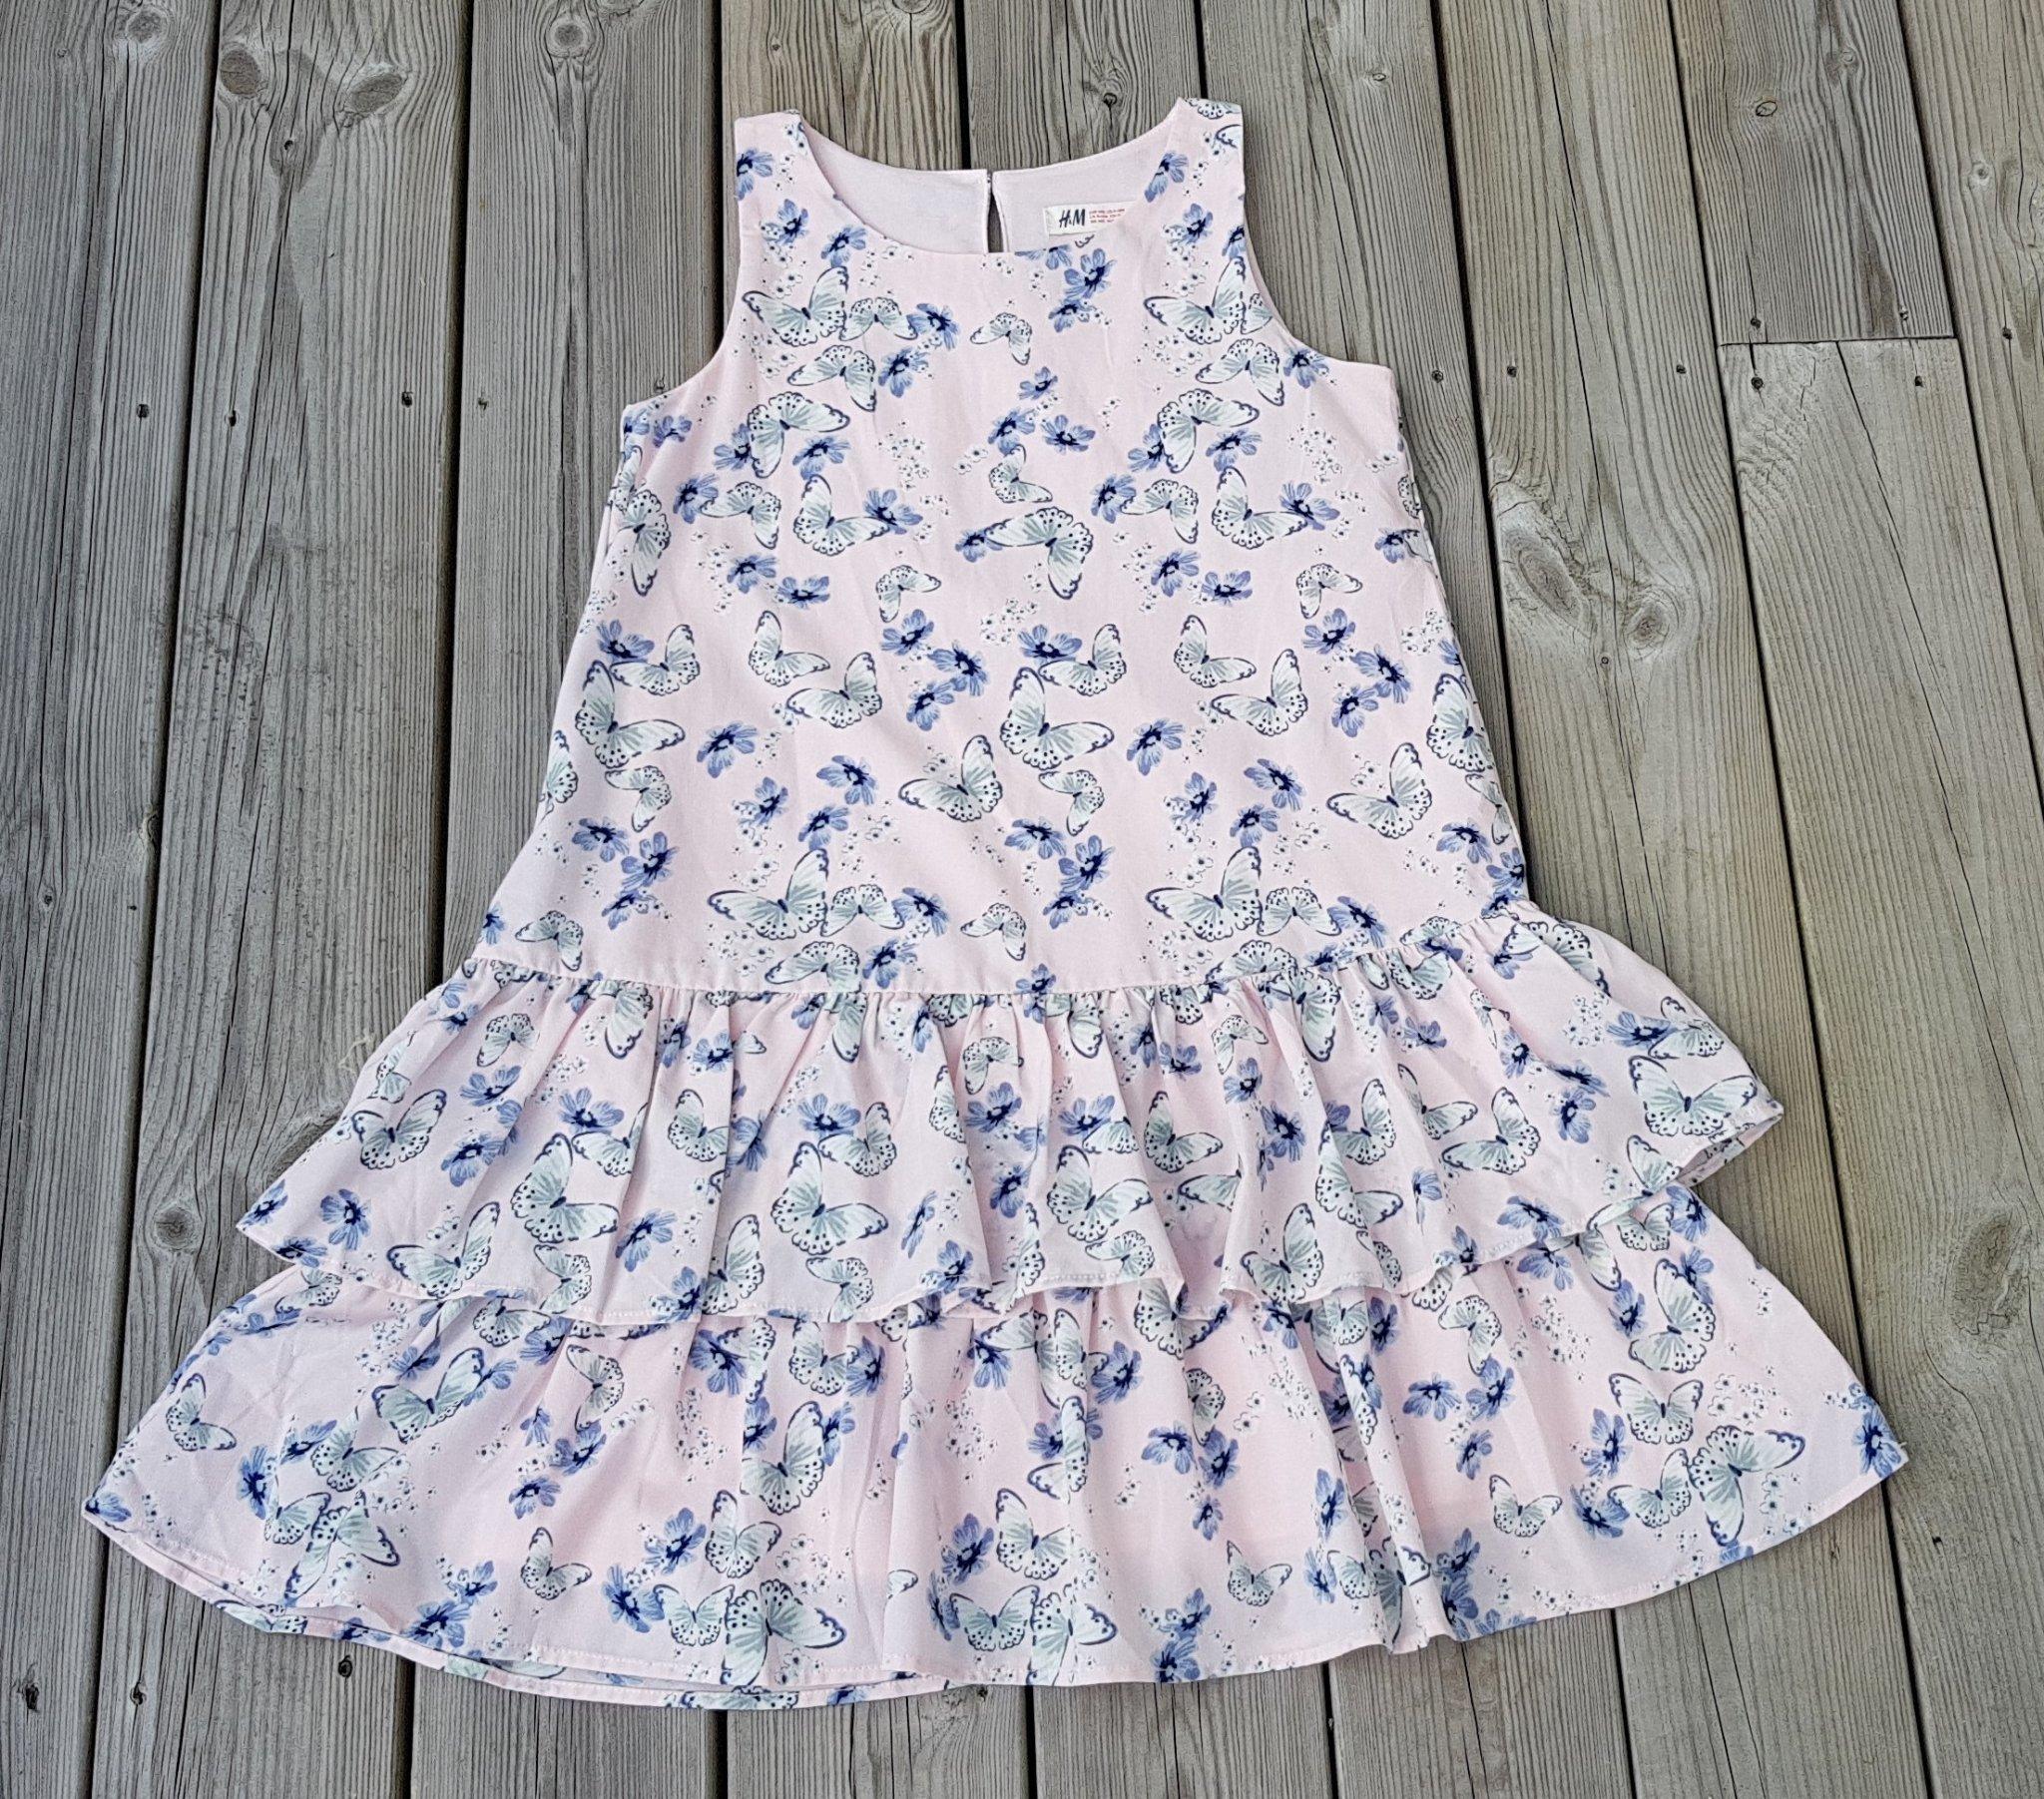 75337403e769 Rosa klänning m volanger blå vita fjärilar o blommor stl 134/140 ny skick!